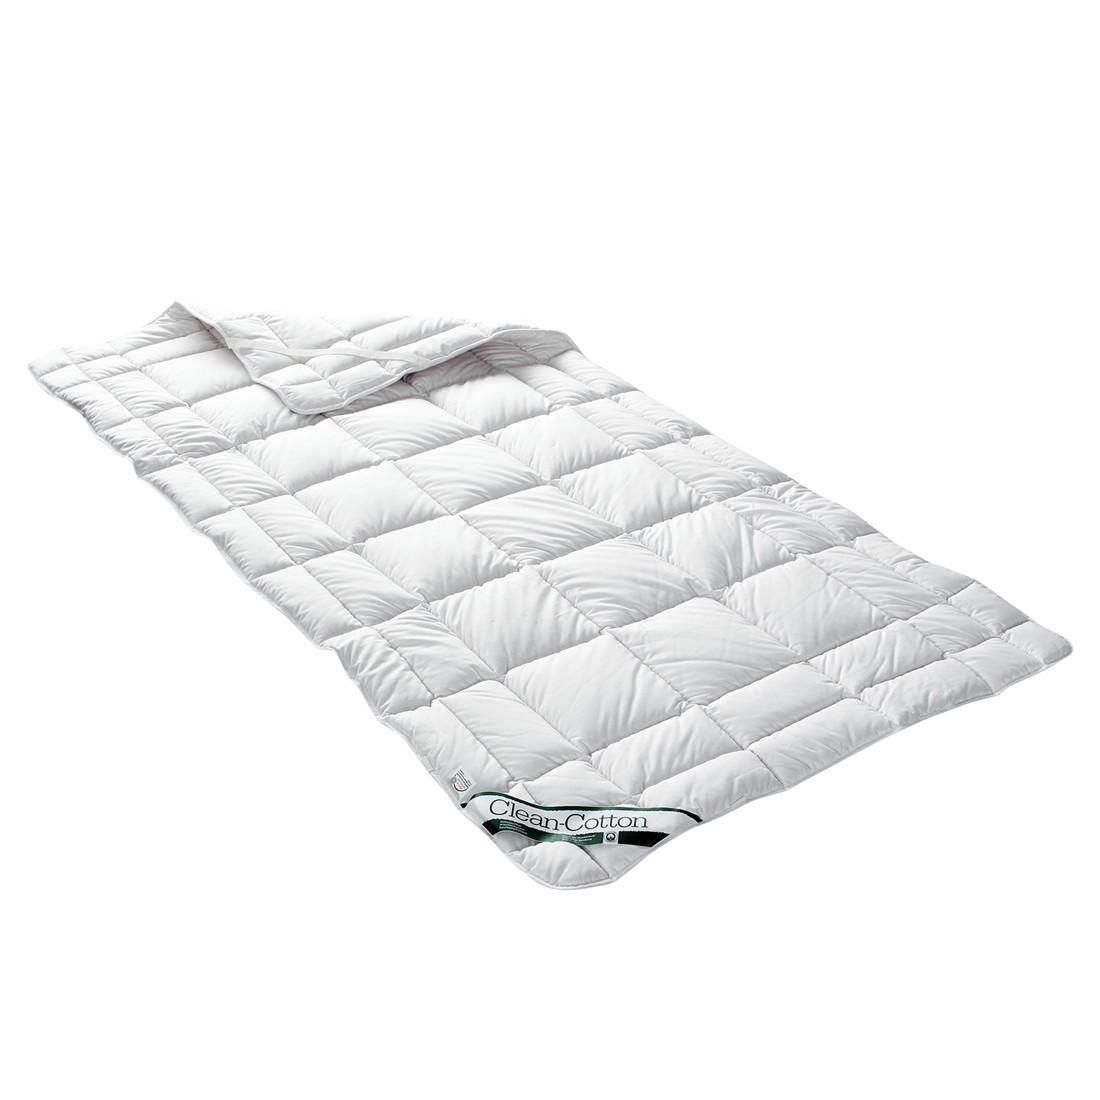 Spannauflage Clean Cotton - Baumwollfüllung - 80 x 200 cm, Badenia